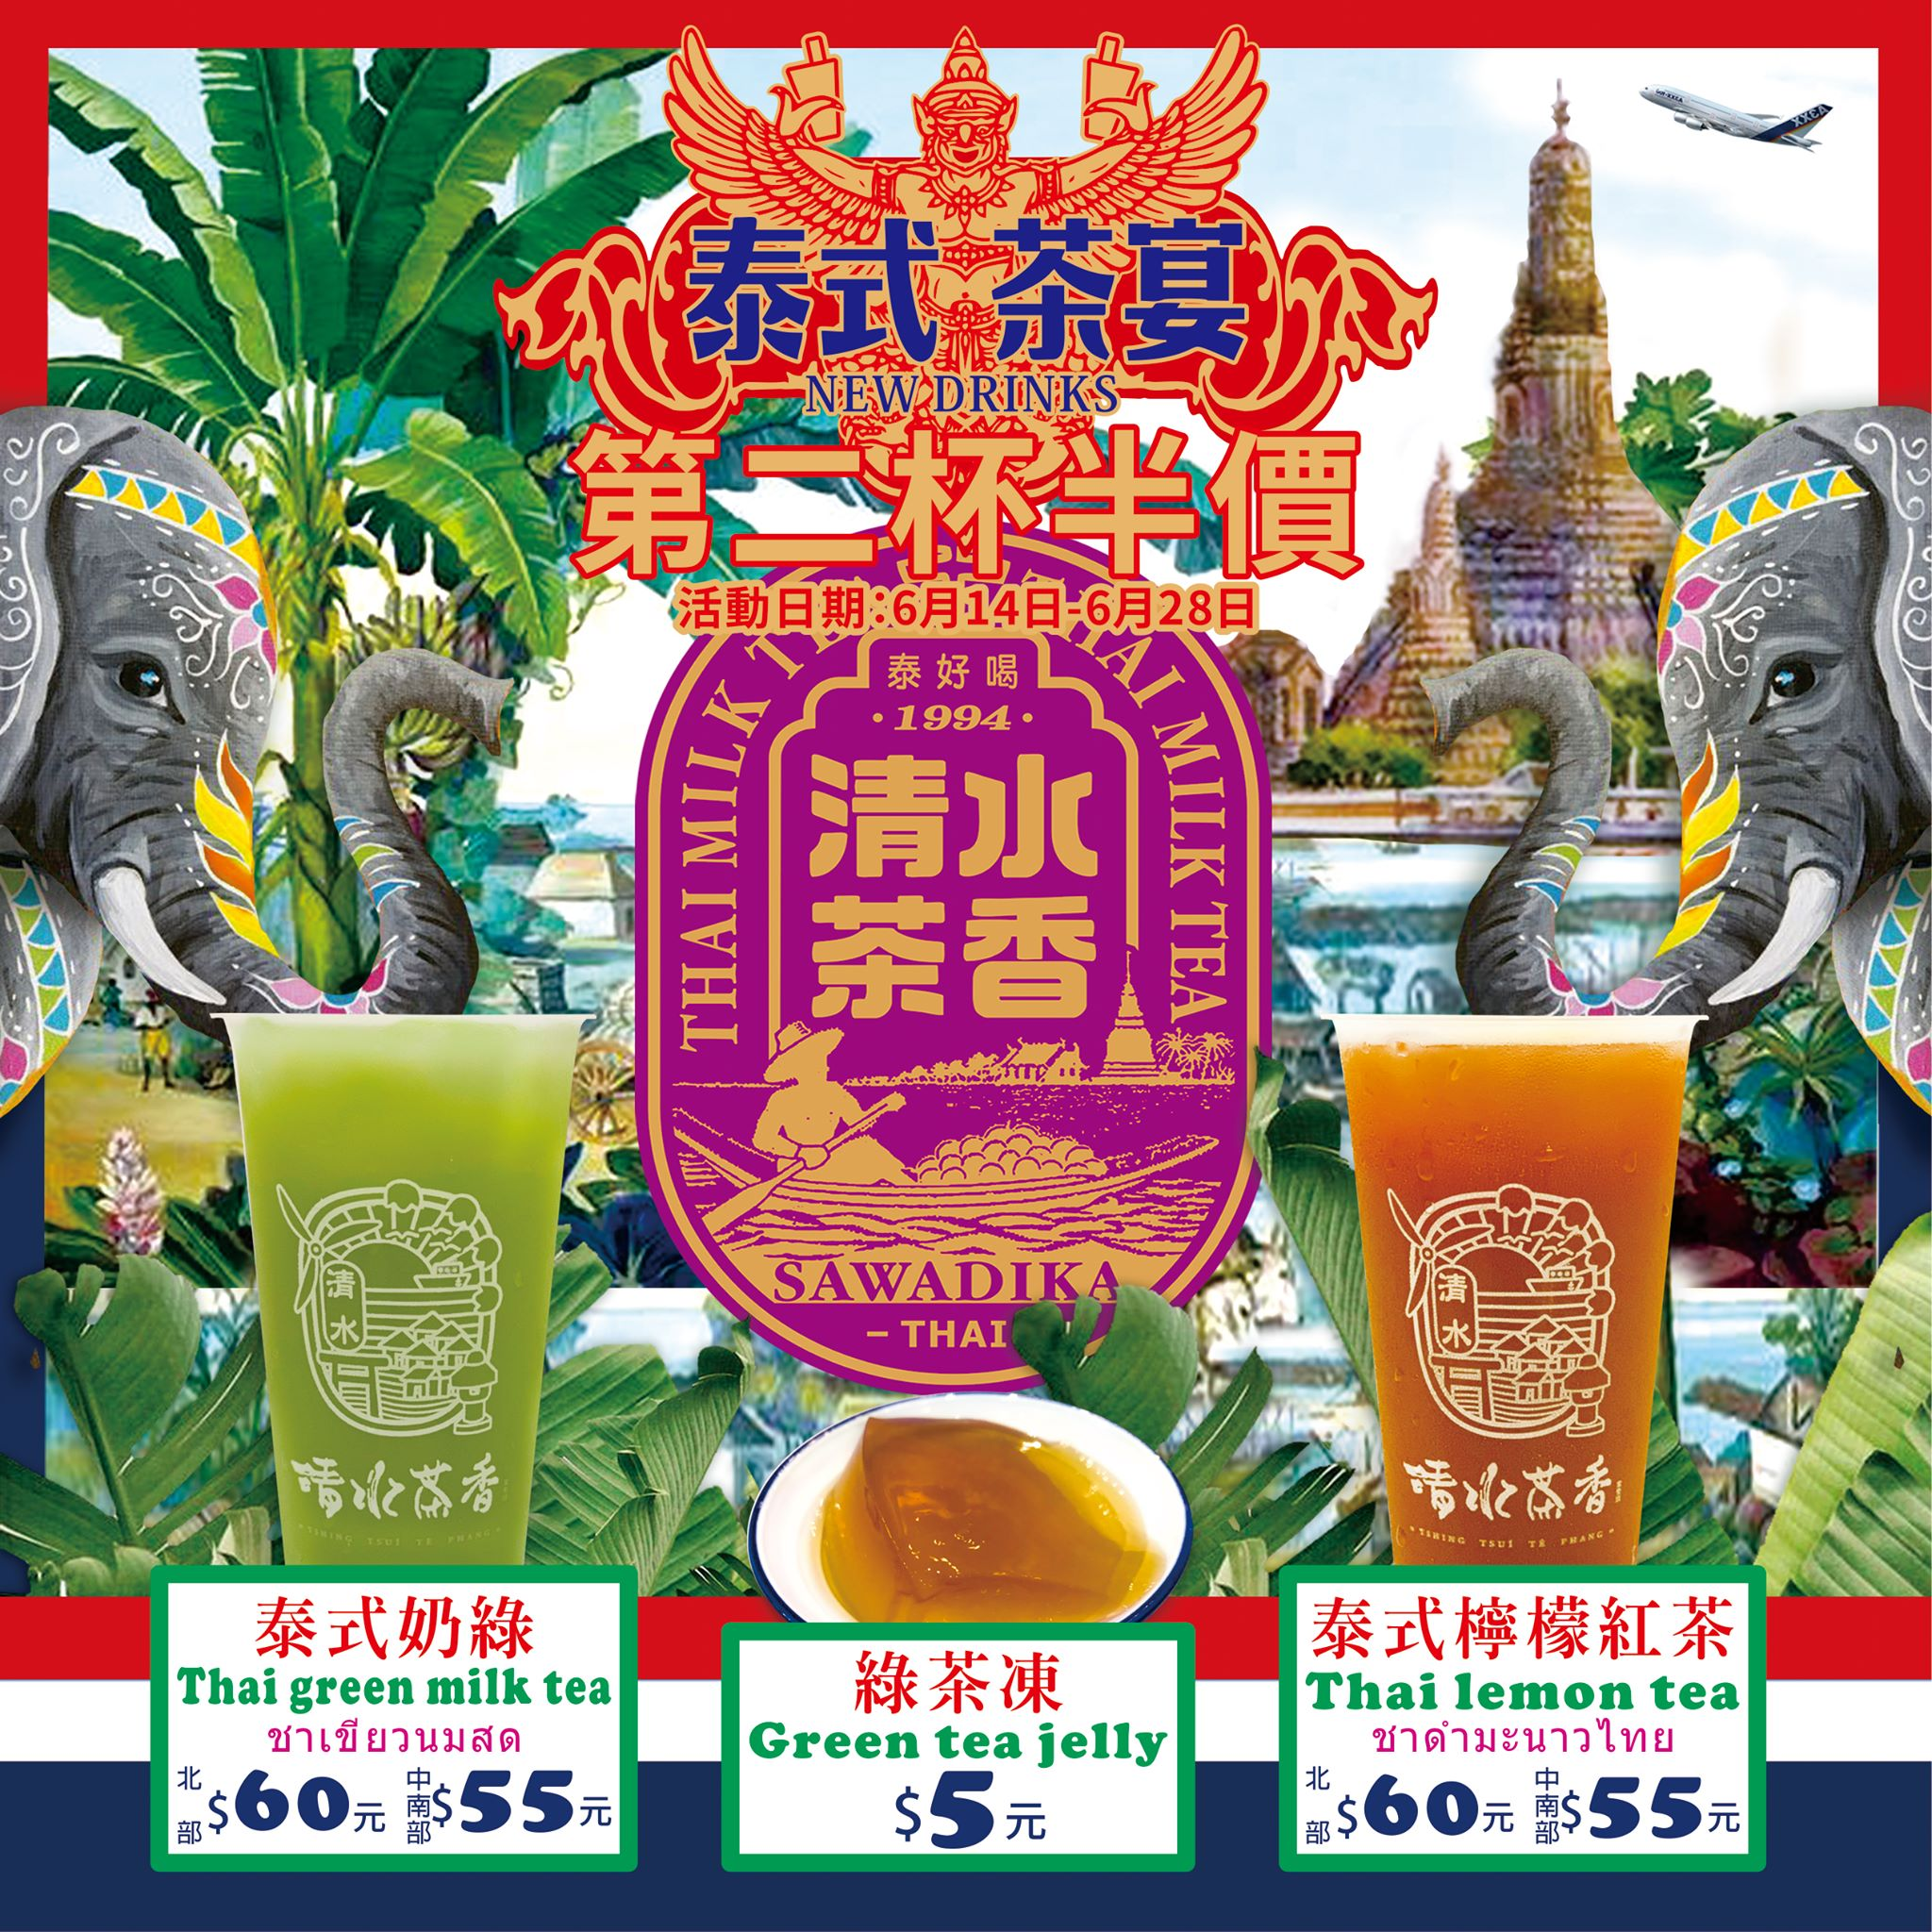 清水茶香最新品項-泰式茶宴